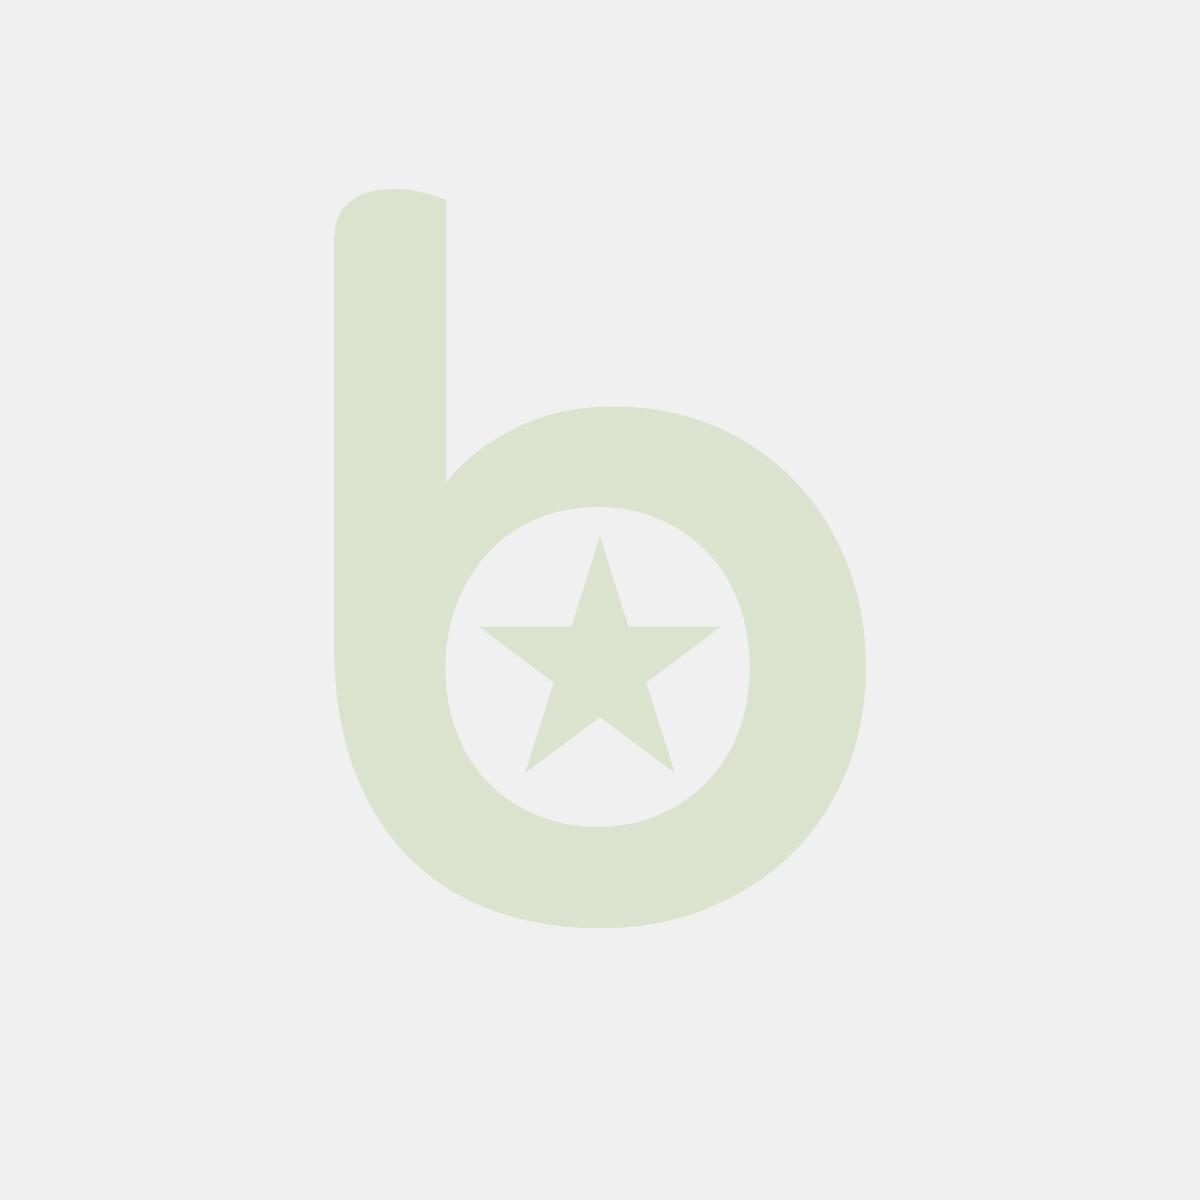 Pióro kulkowe SCHNEIDER Topball 811, 0,5 mm, niebieskie